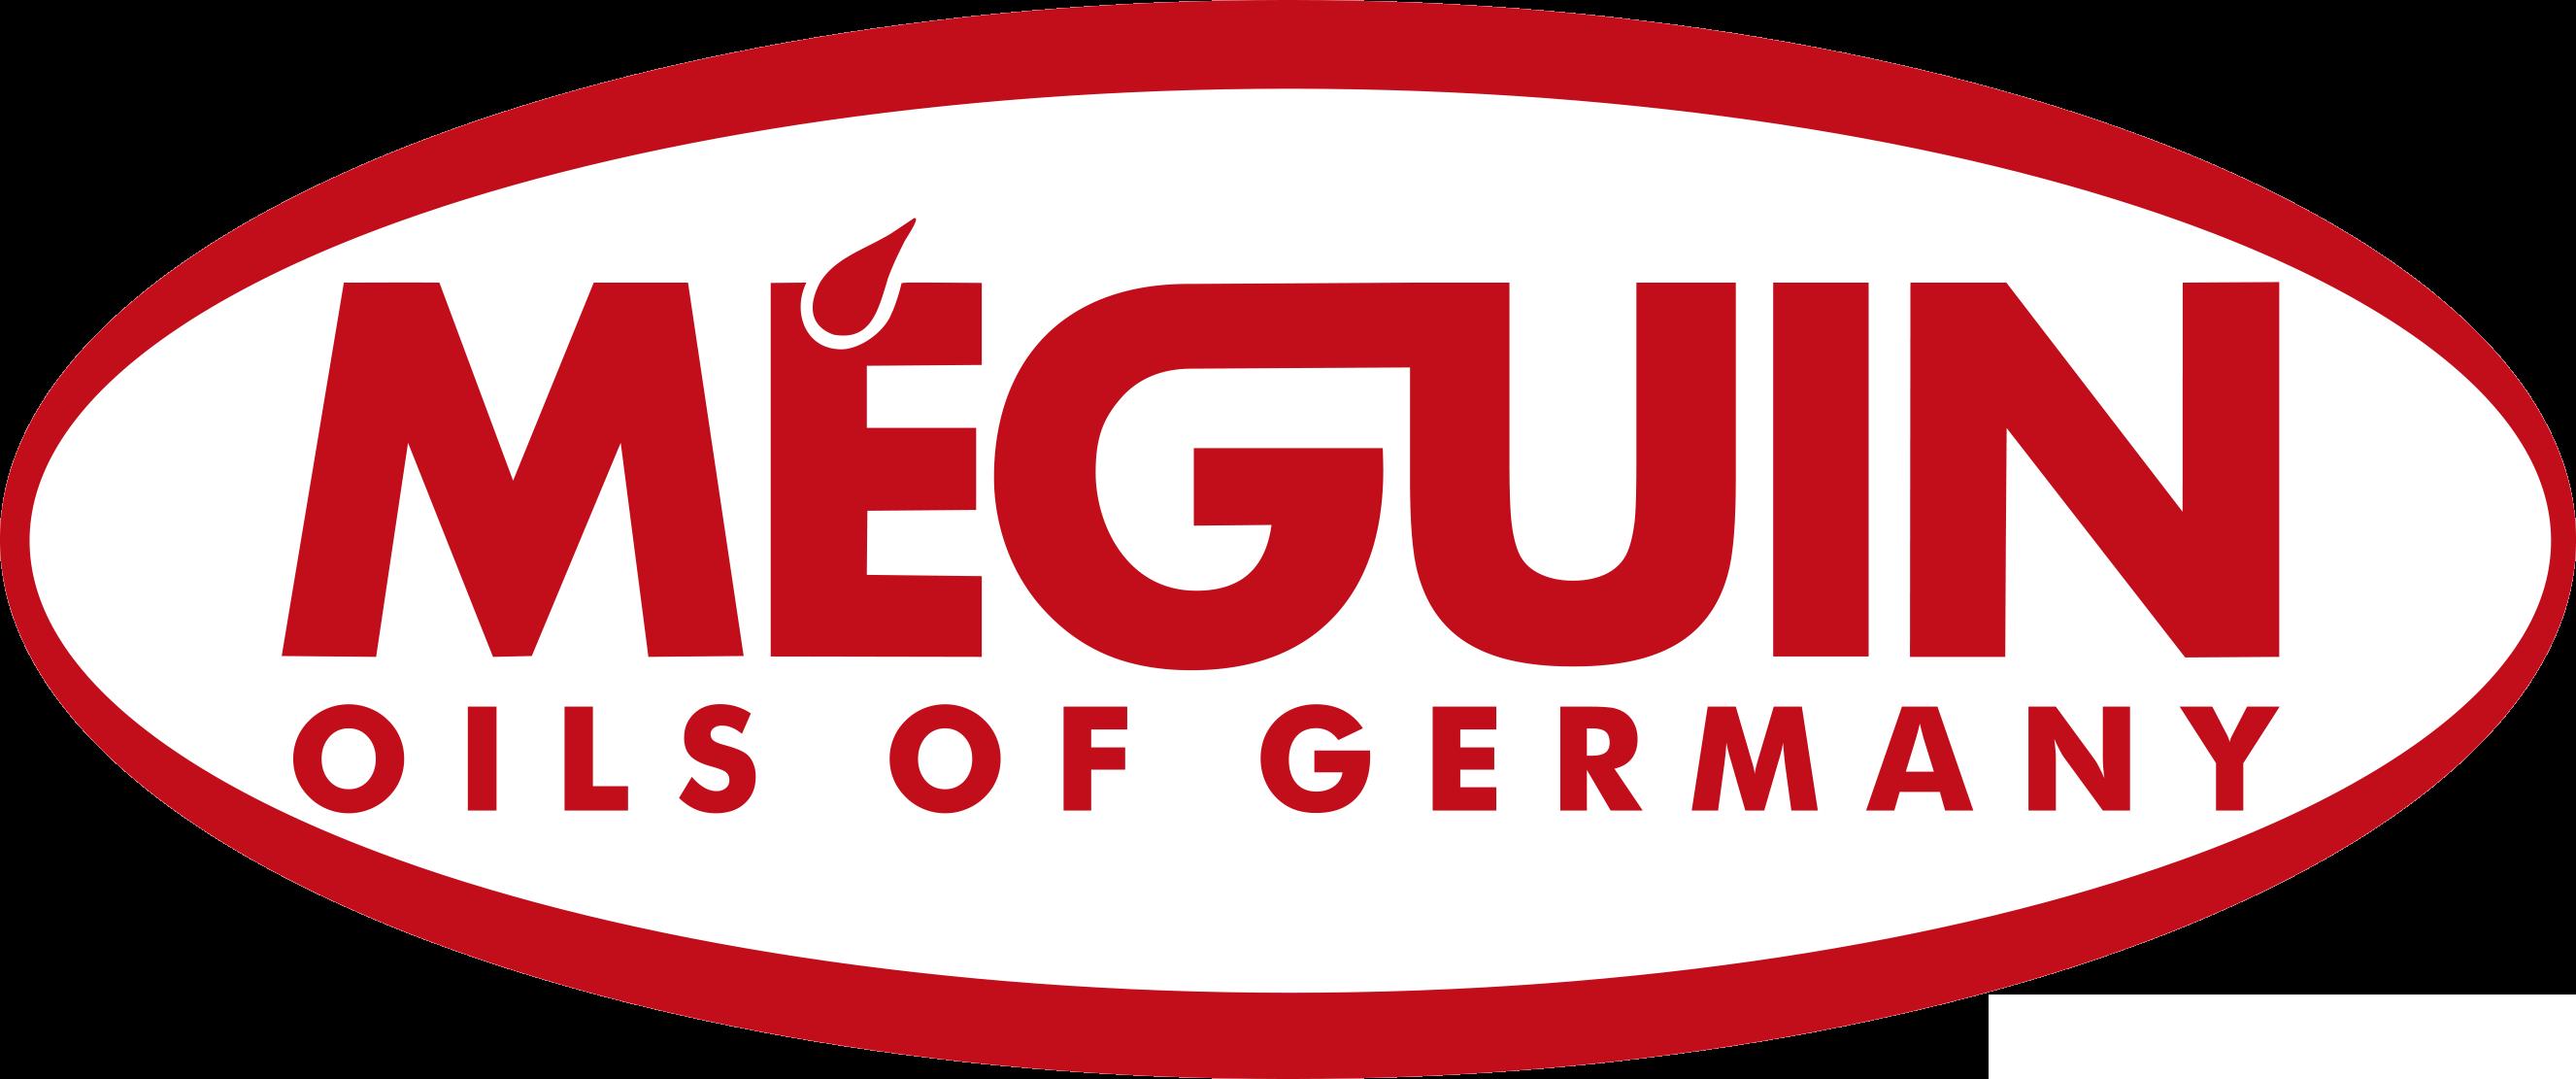 Meguin Oil Pakistan - Best Engine Oil Worldwide 2019